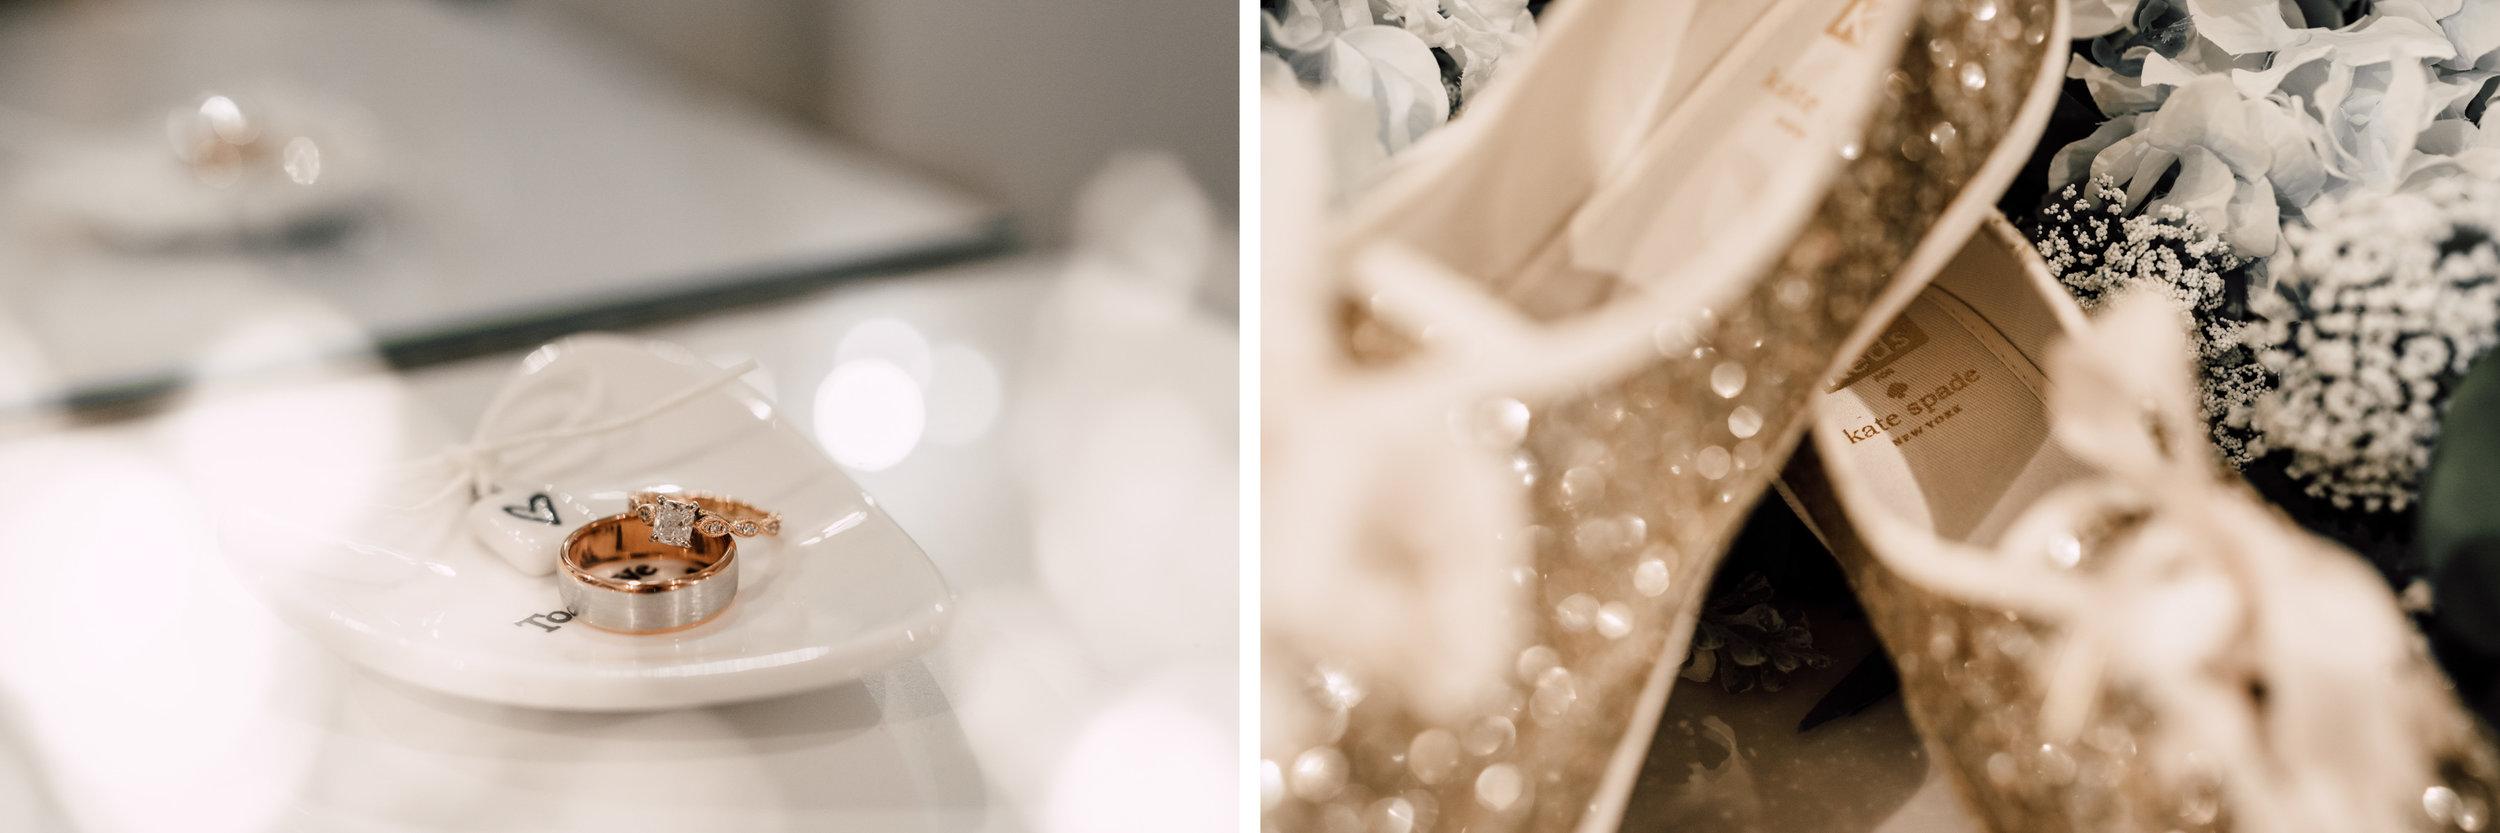 wedding details, ring details